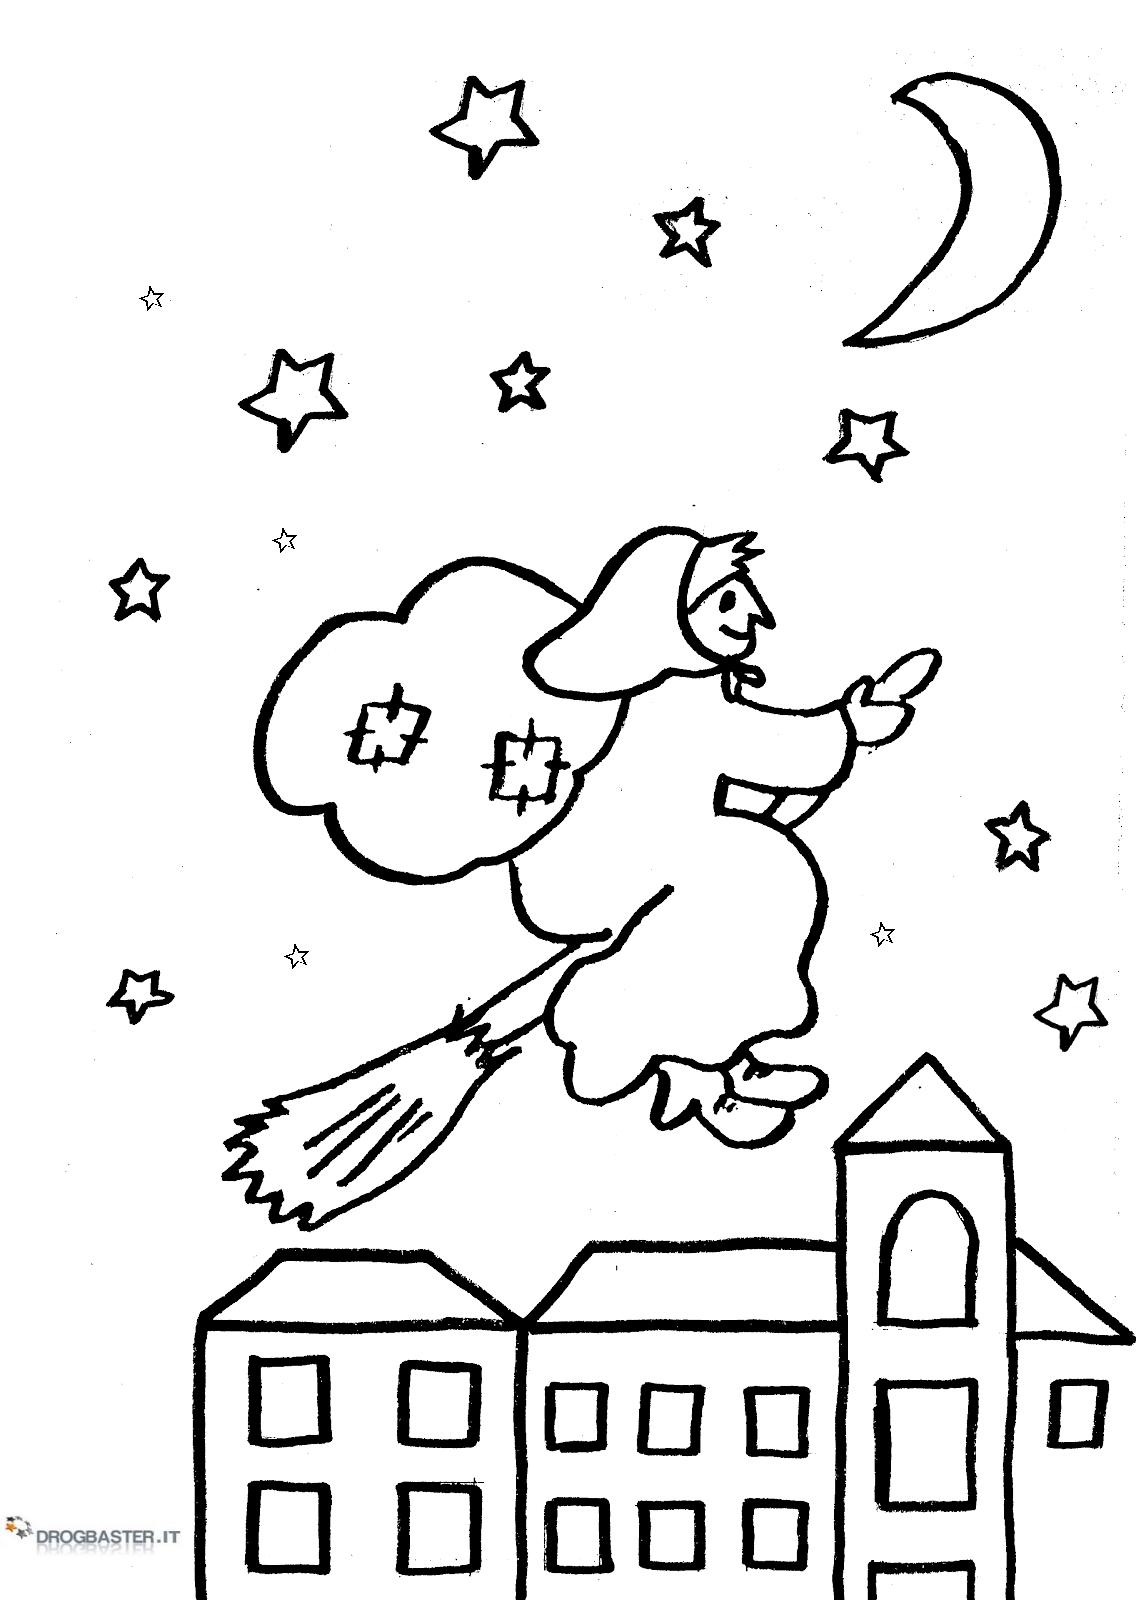 disegni da colorare e stampare gratis della befana